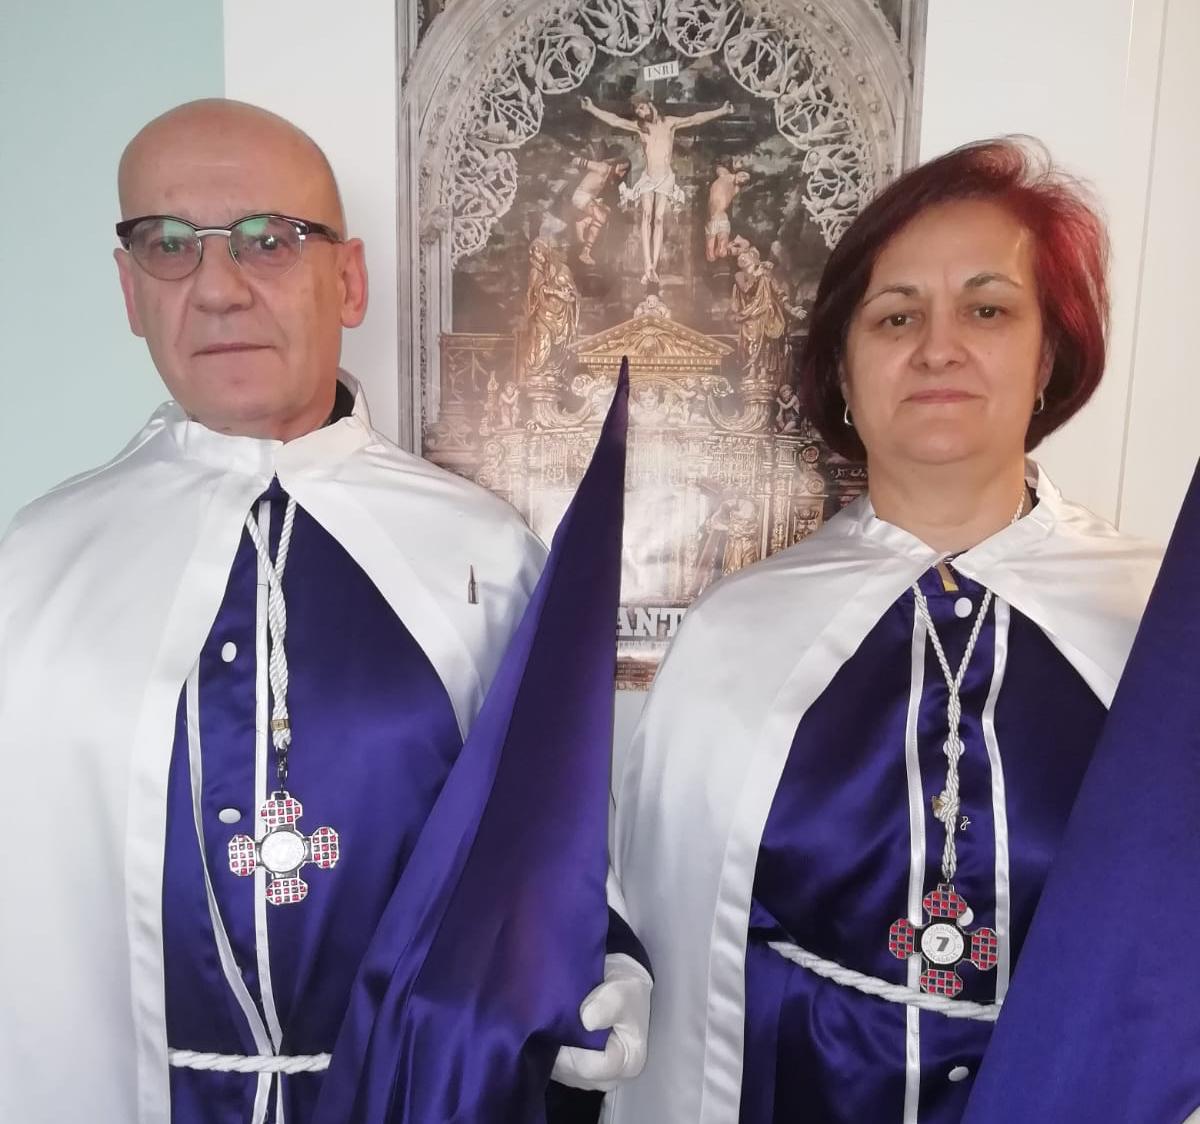 Santiago y Terestia pertenecen a la cofradía de las Siete Palabras desde 2007.